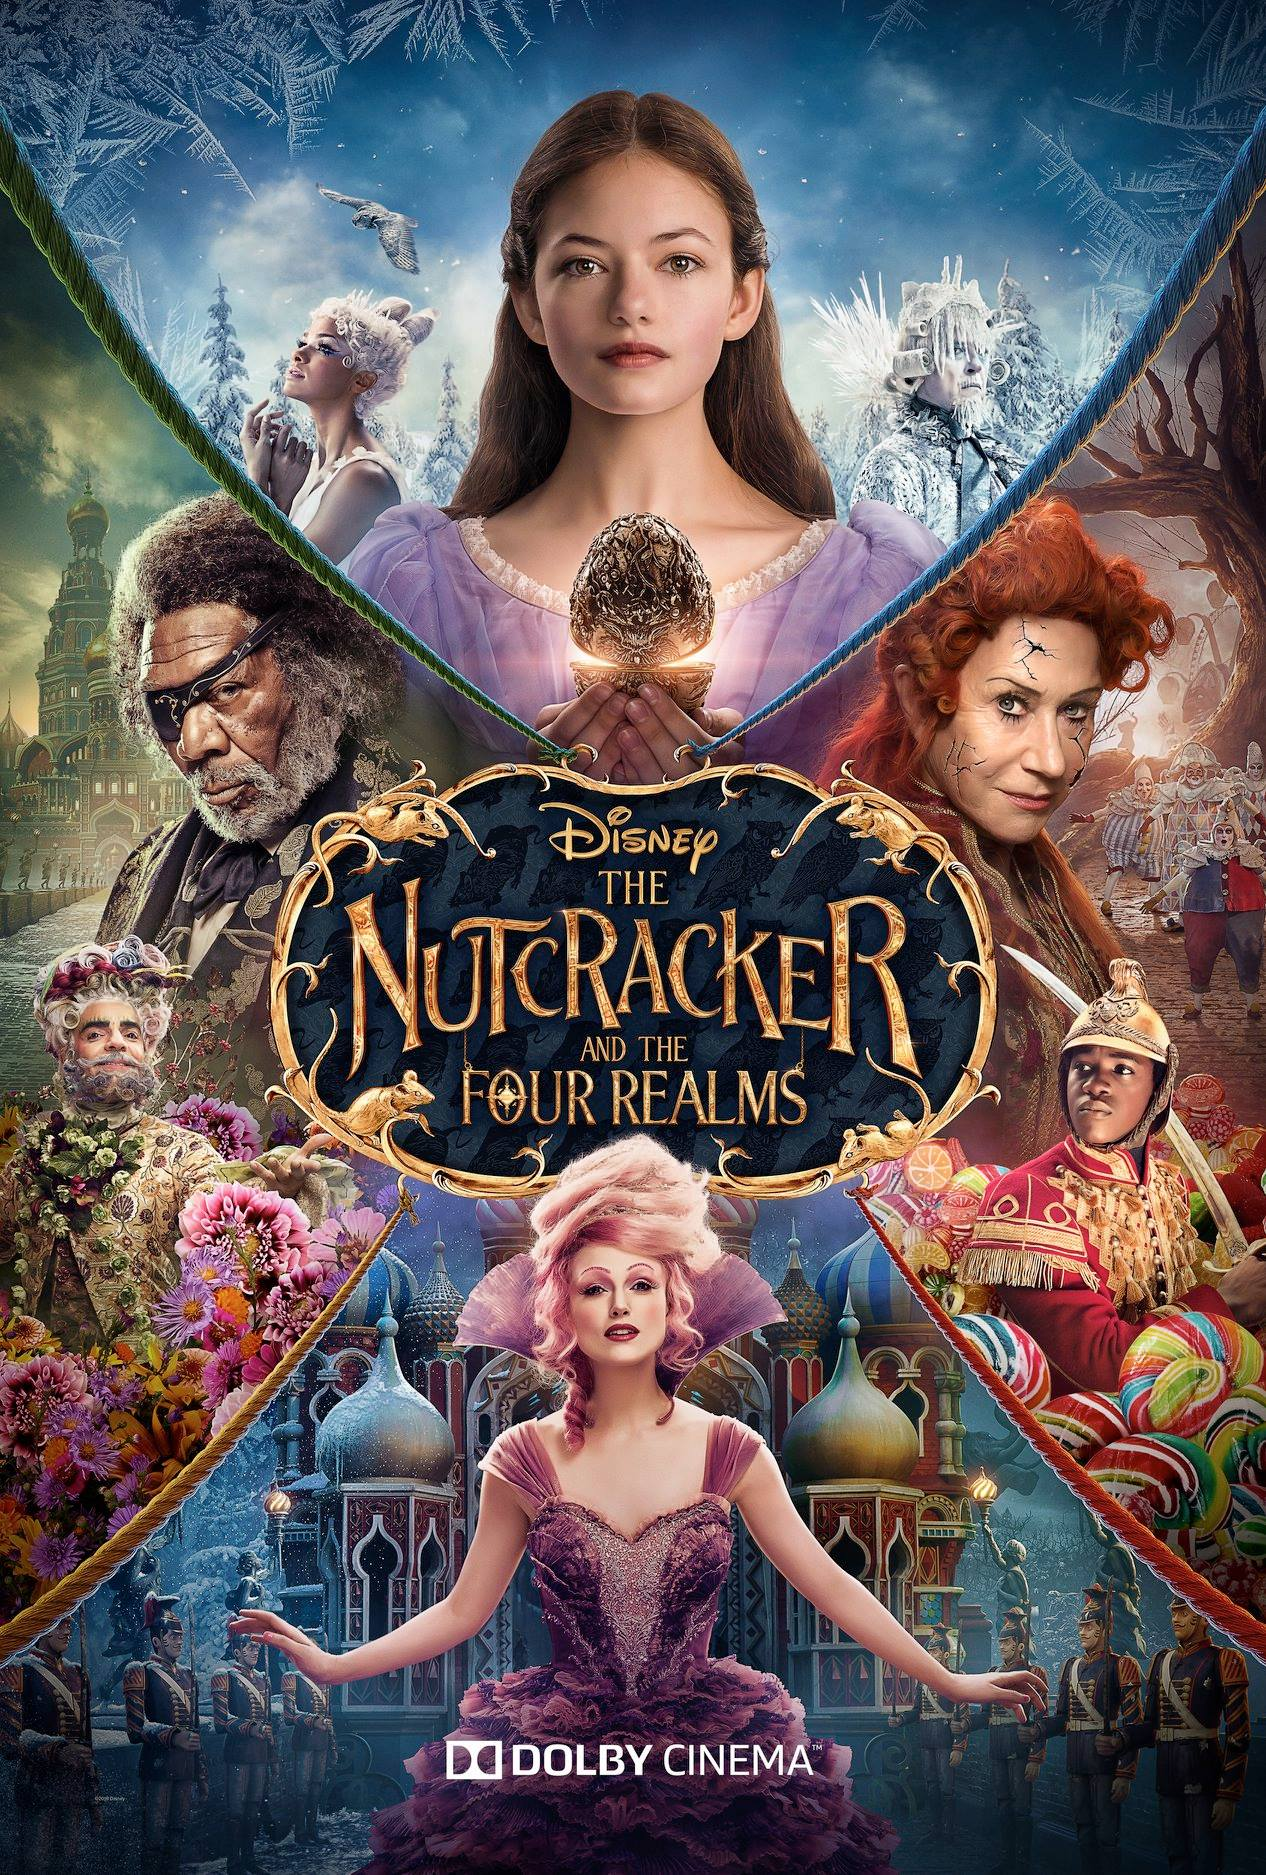 Affiche poster casse noisette quatre royaume nutcracker four realms disney